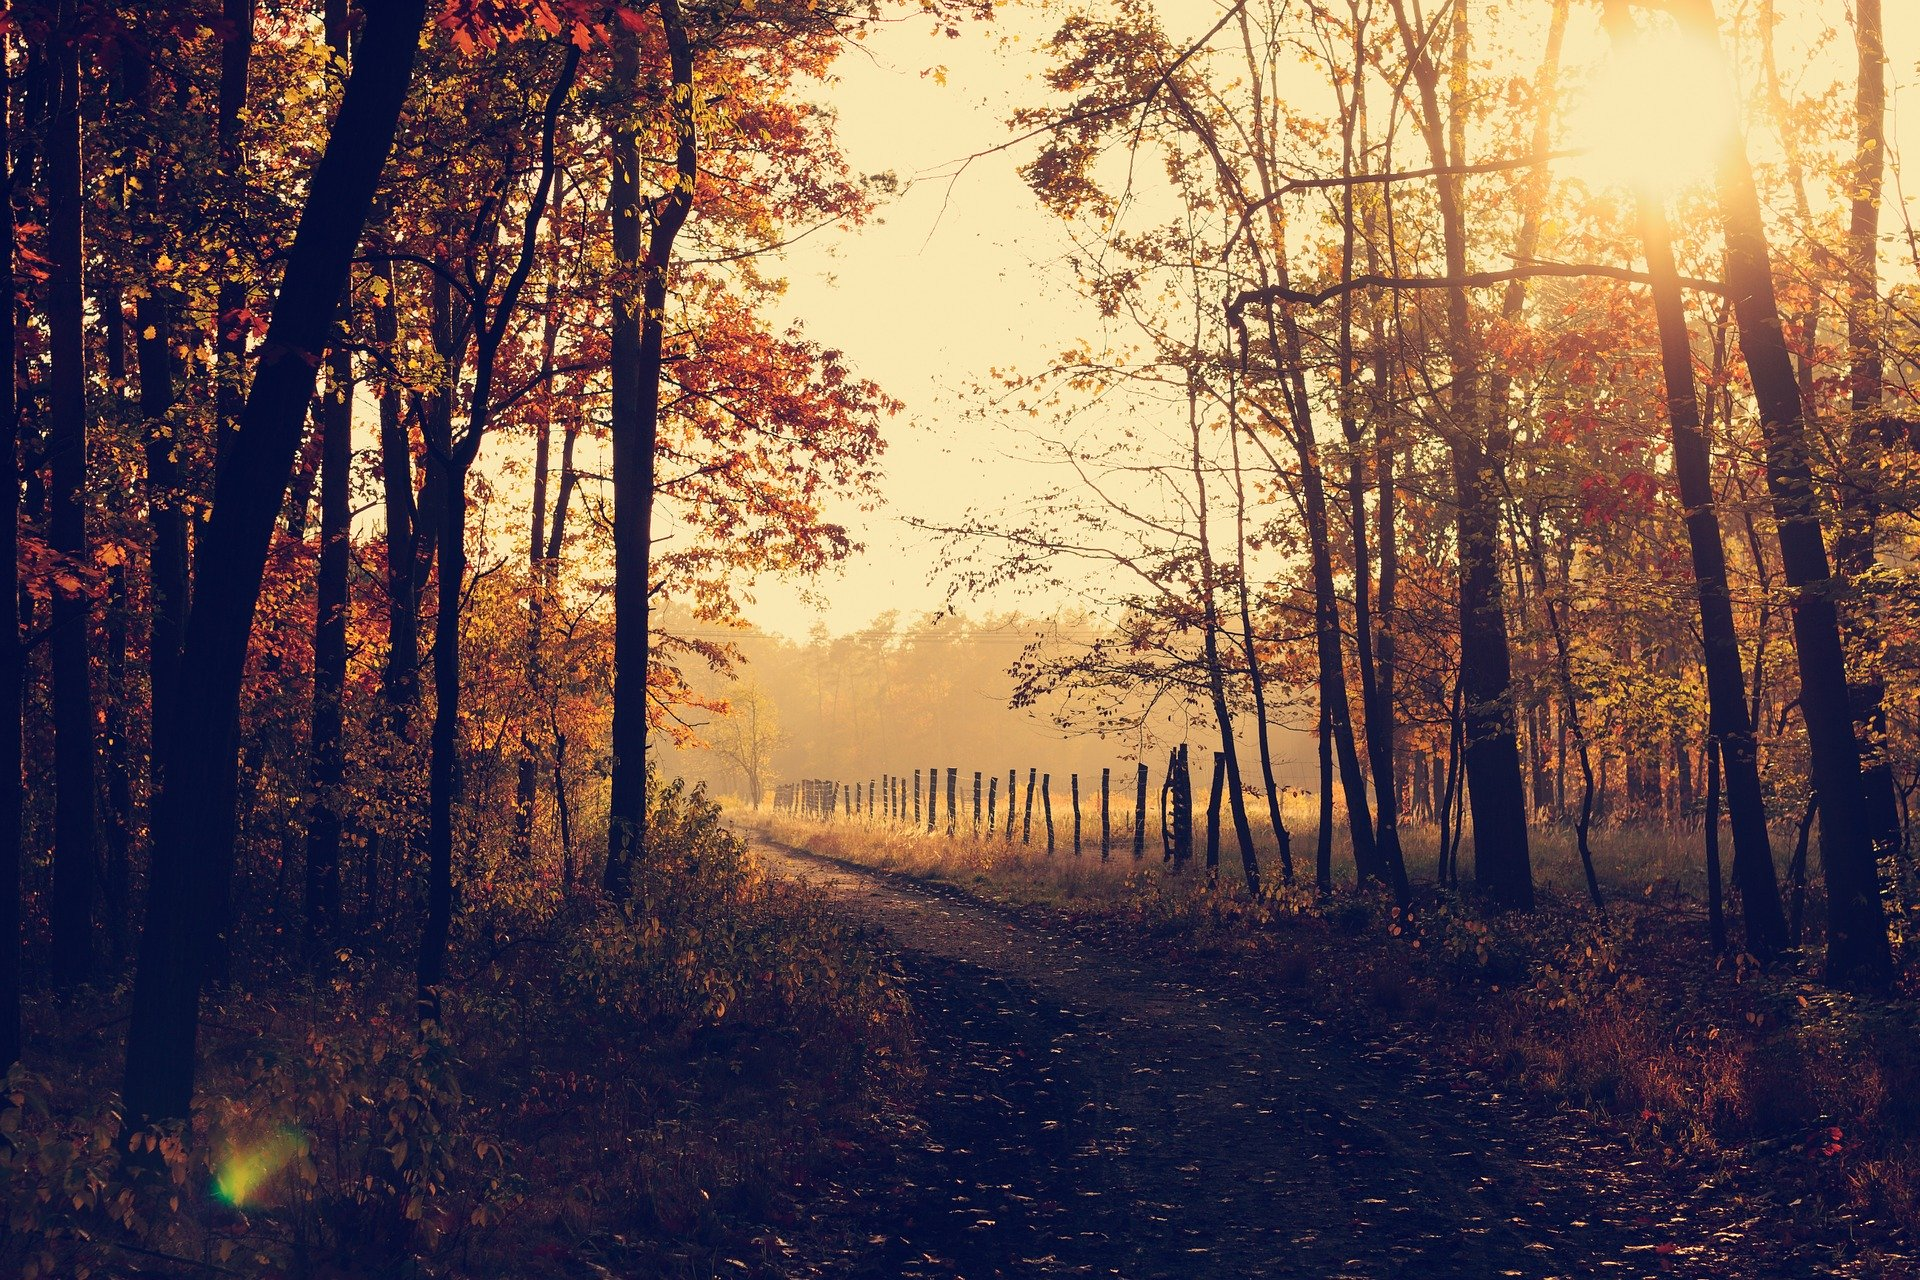 Sunset woodland